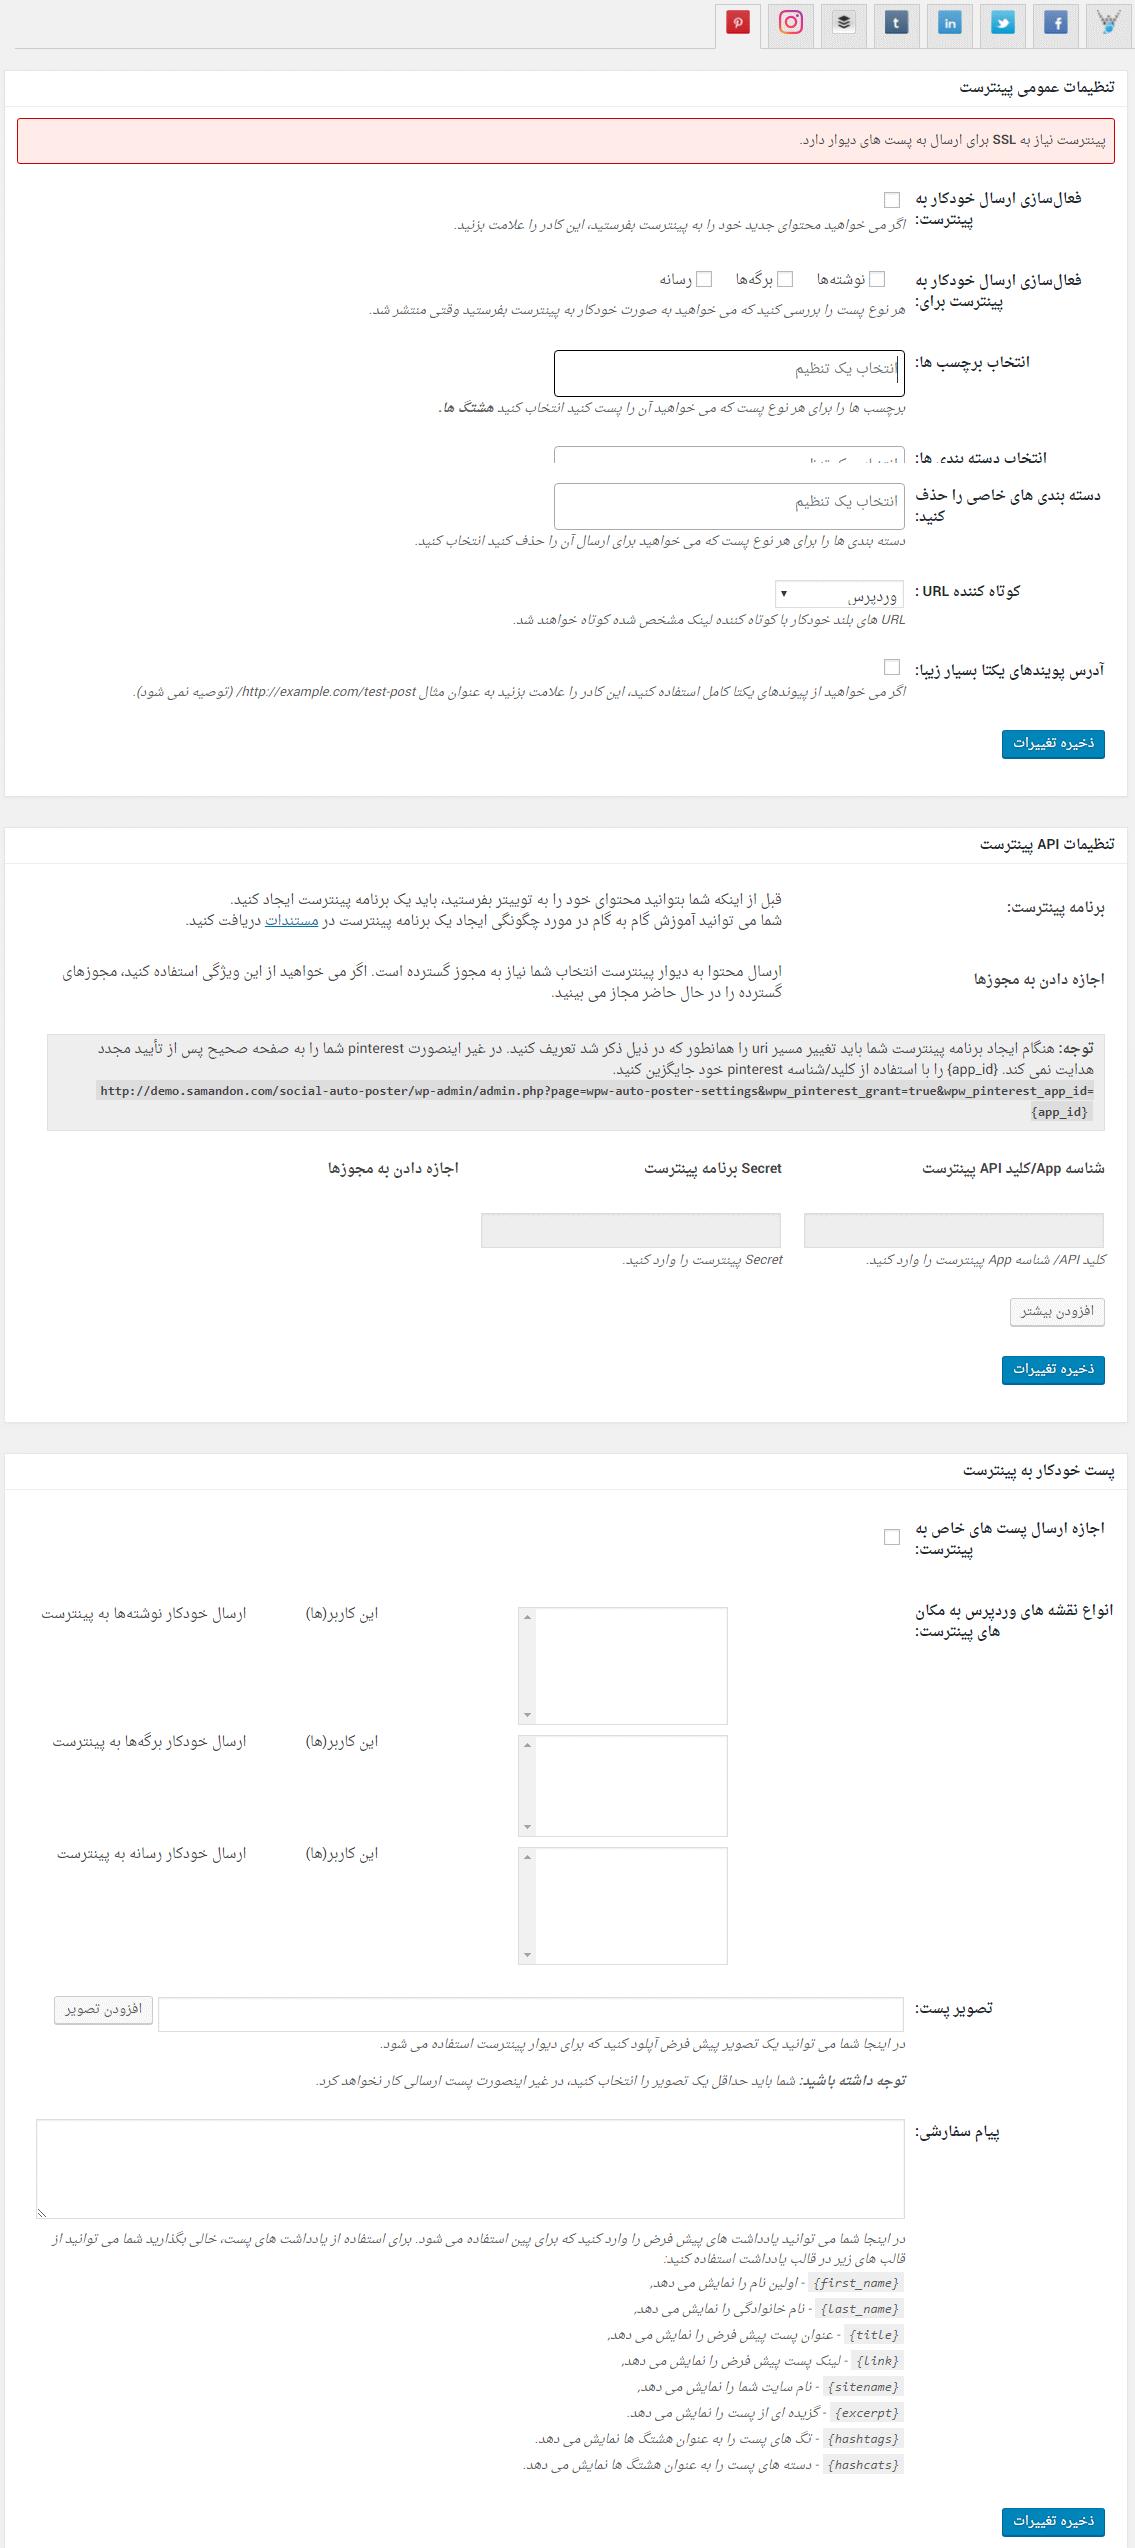 تنظیمات ارسال به پینترست